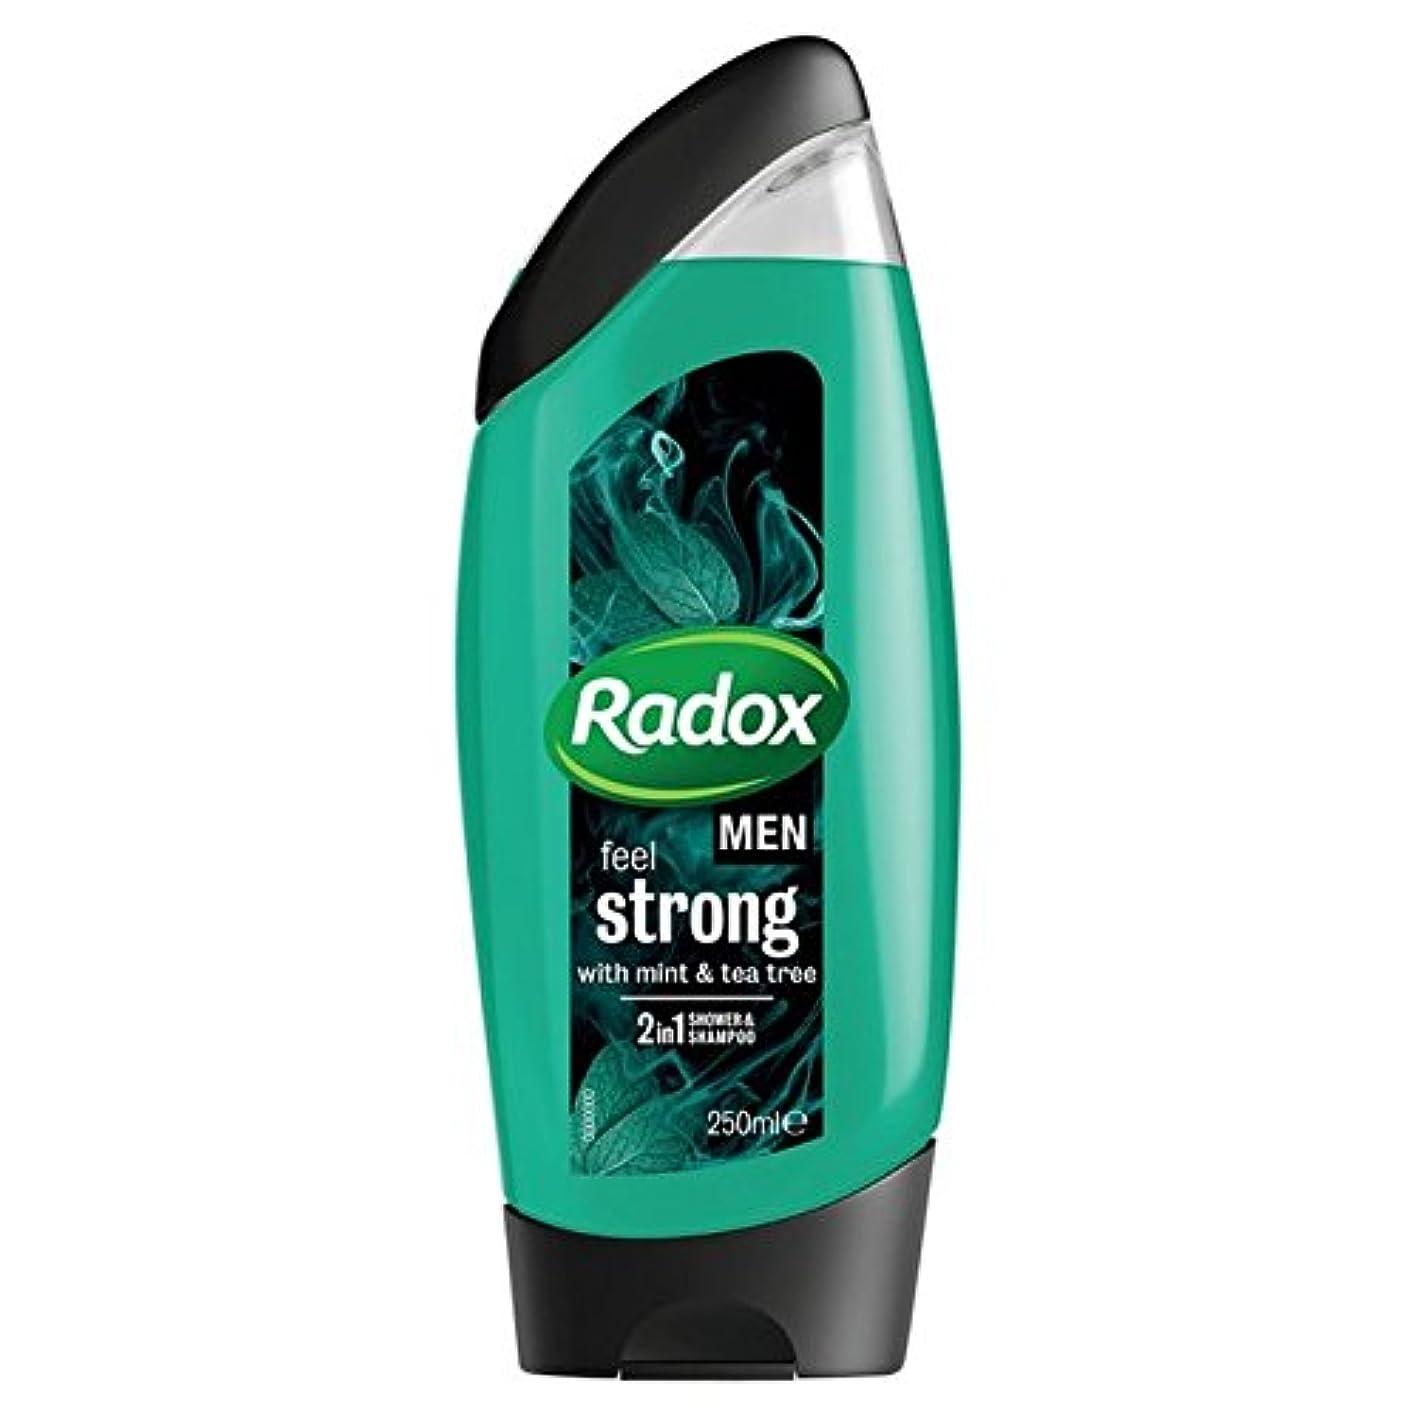 欠員心理的に無駄だ男性は、強力なミント&ティーツリーの21のシャワージェル250ミリリットルを感じます x4 - Radox Men Feel Strong Mint & Tea Tree 2in1 Shower Gel 250ml (Pack...